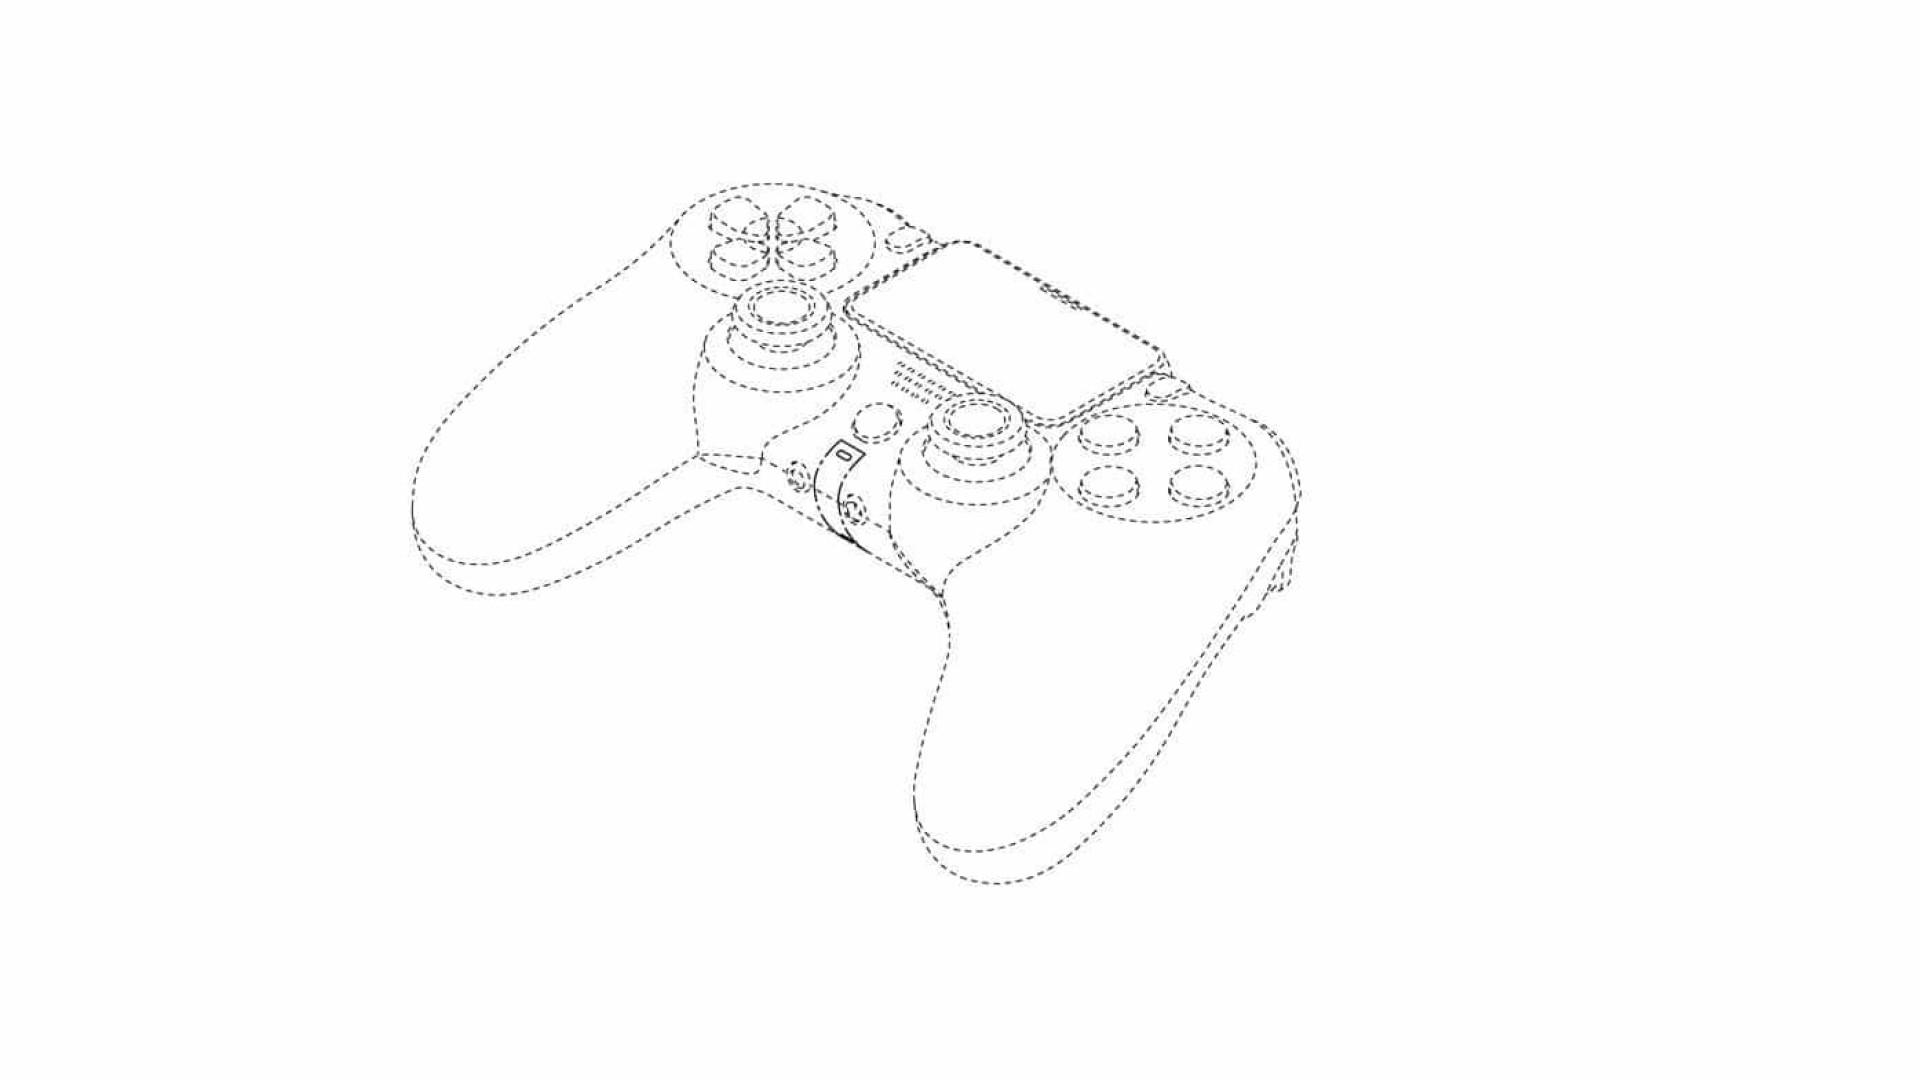 Patente pode ter desvendado comando da PlayStation 5